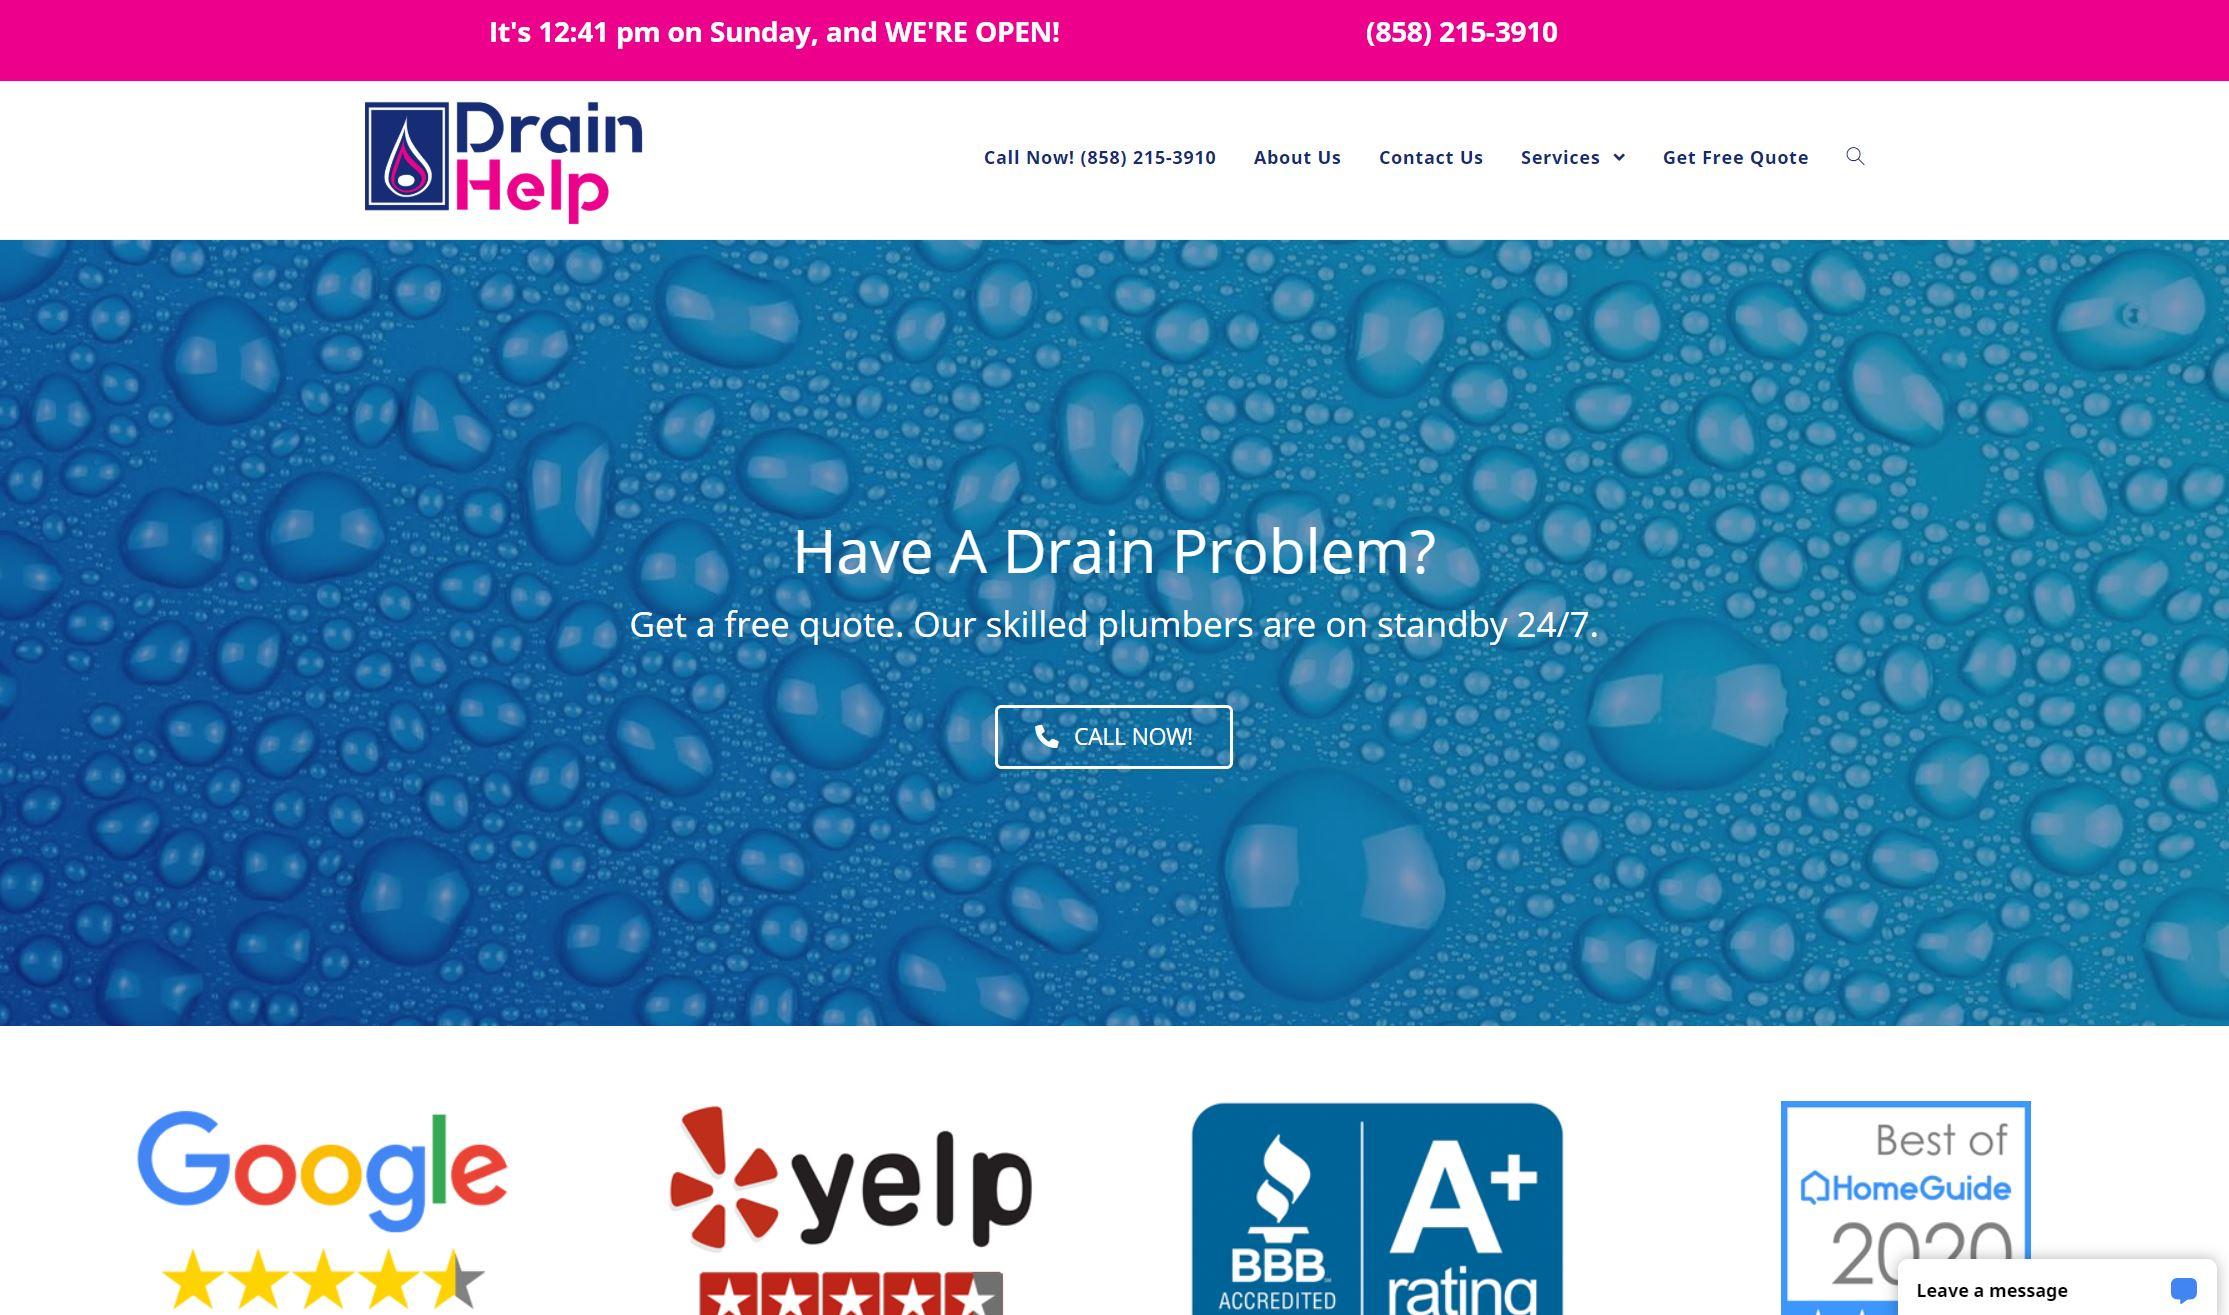 DrainHelpSD.com